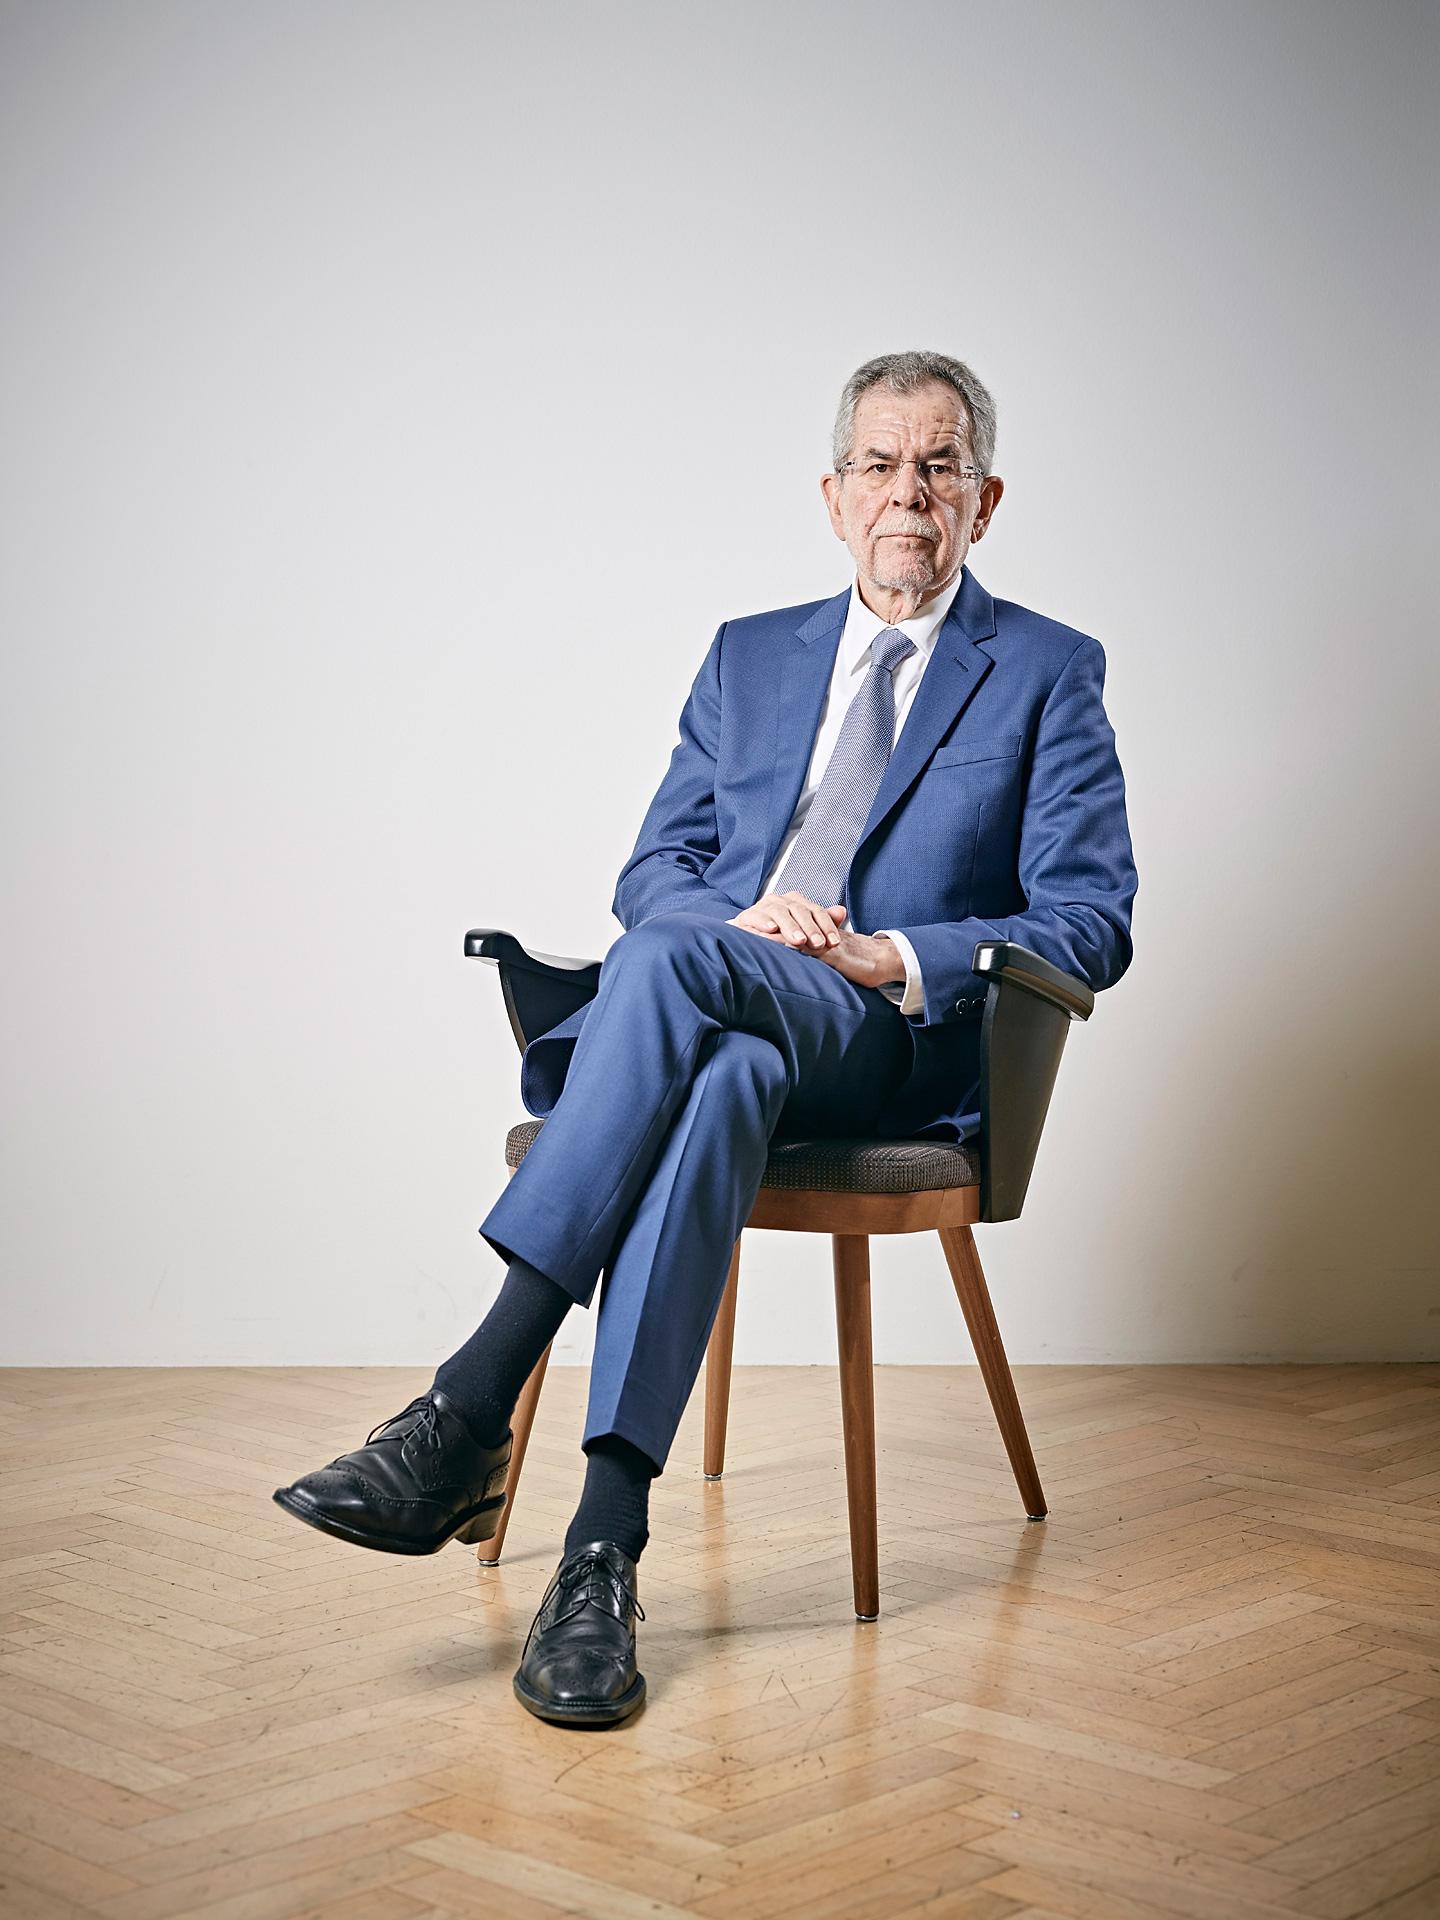 Nicolai Van Der Bellen